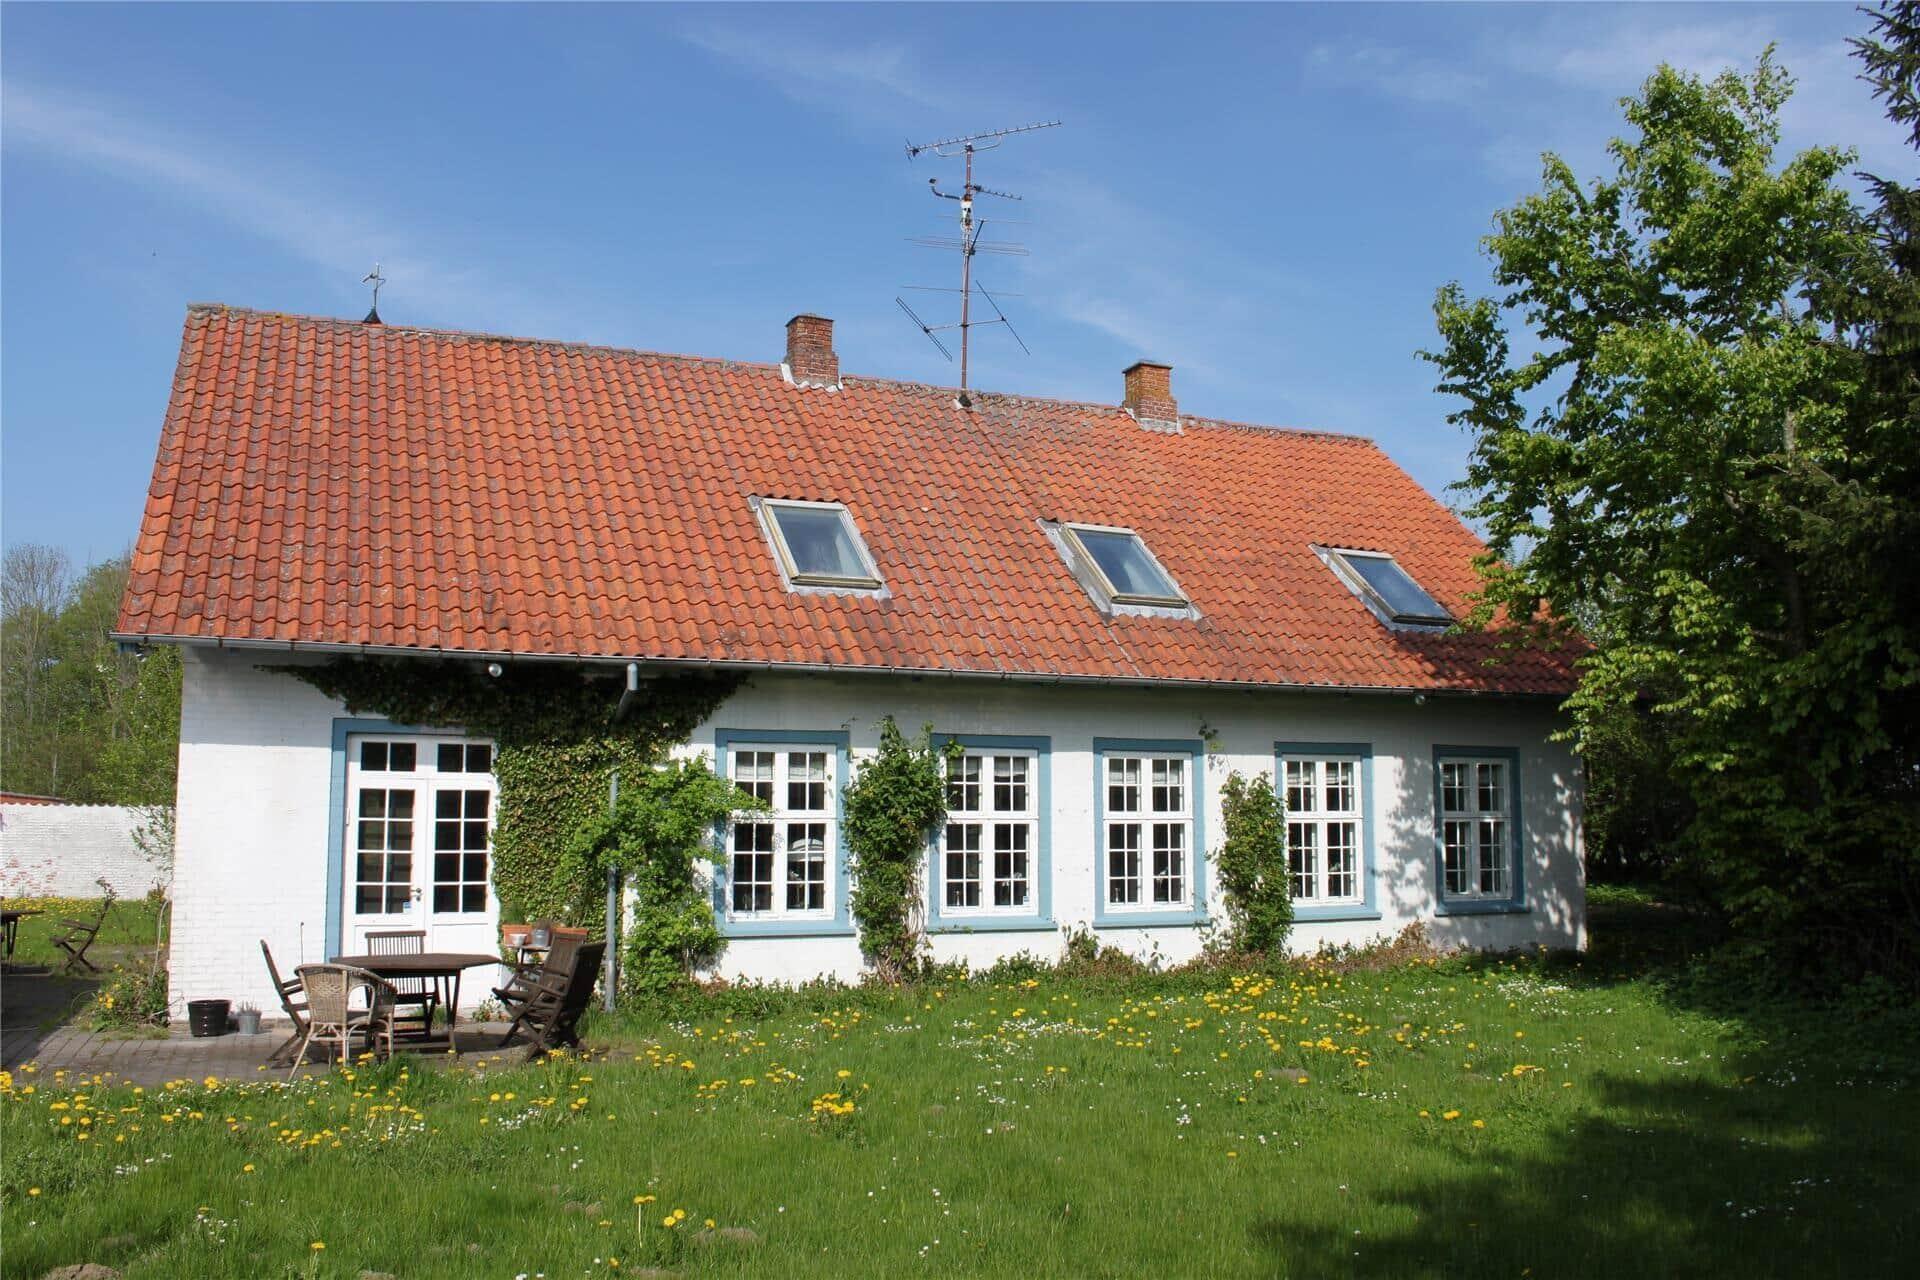 Billede 1-3 Sommerhus M65972, Egeskov Gade 2, DK - 5772 Kværndrup